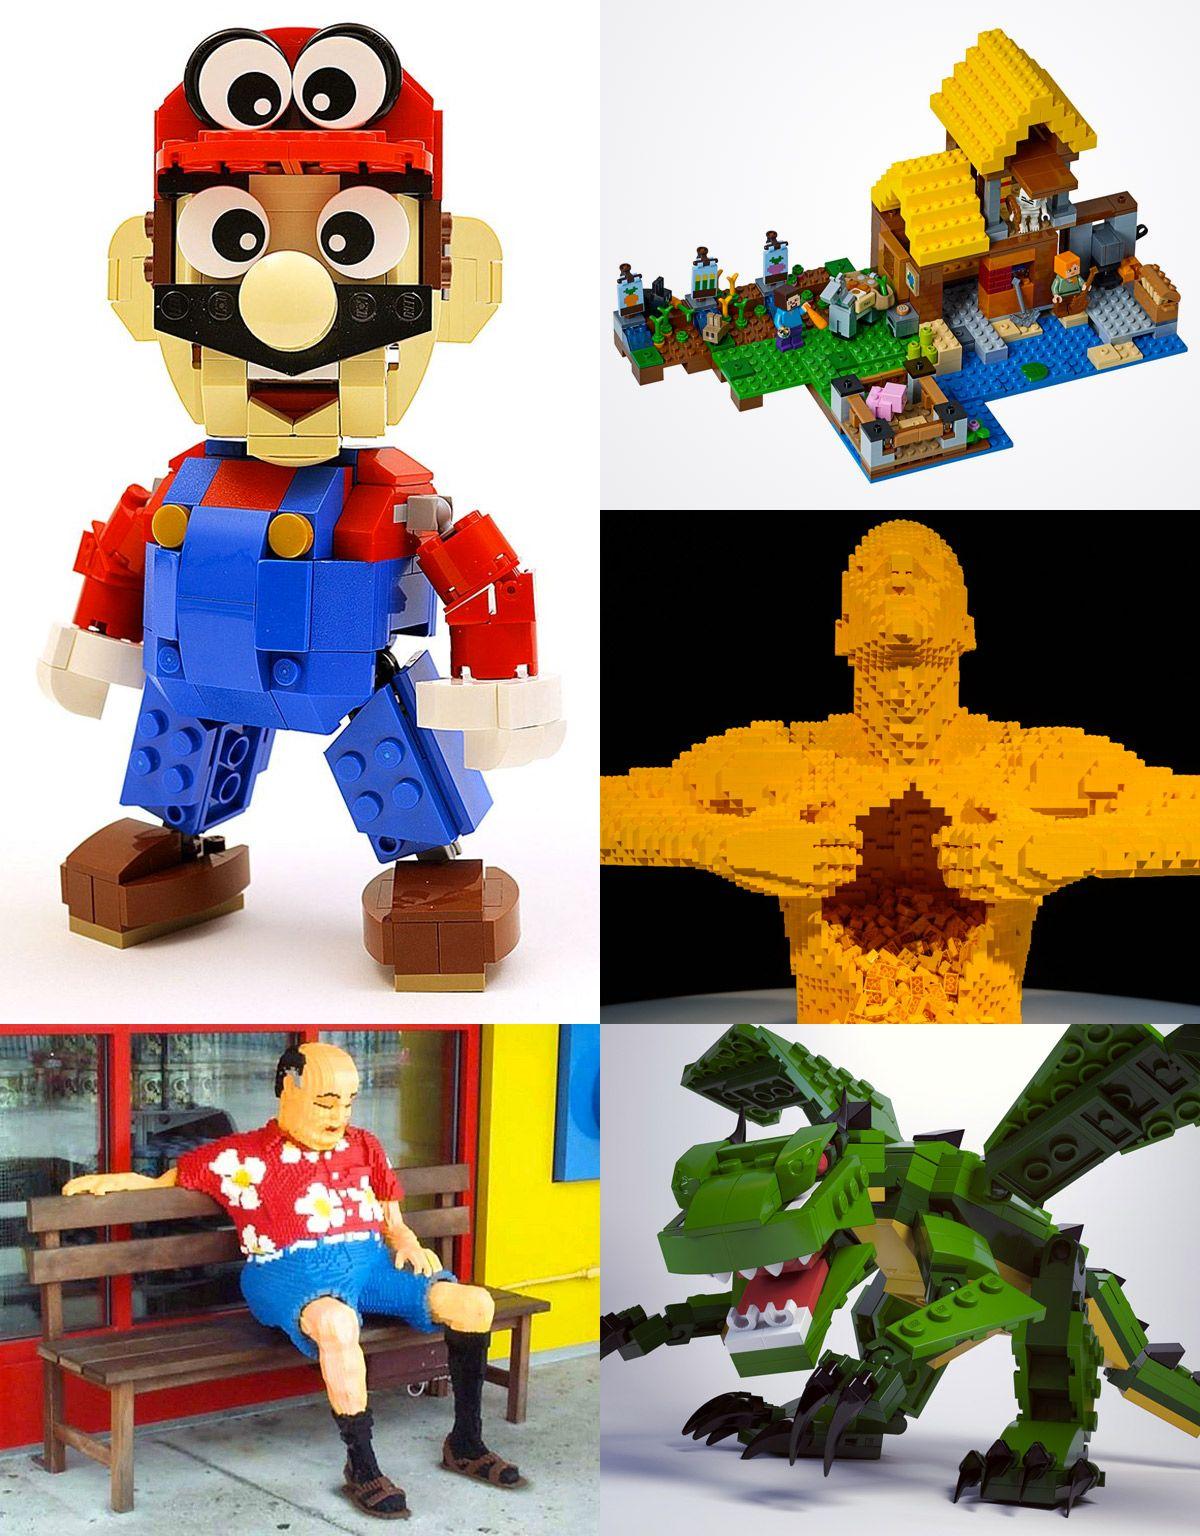 designer-brinquedo-lego-brinquedo-toy